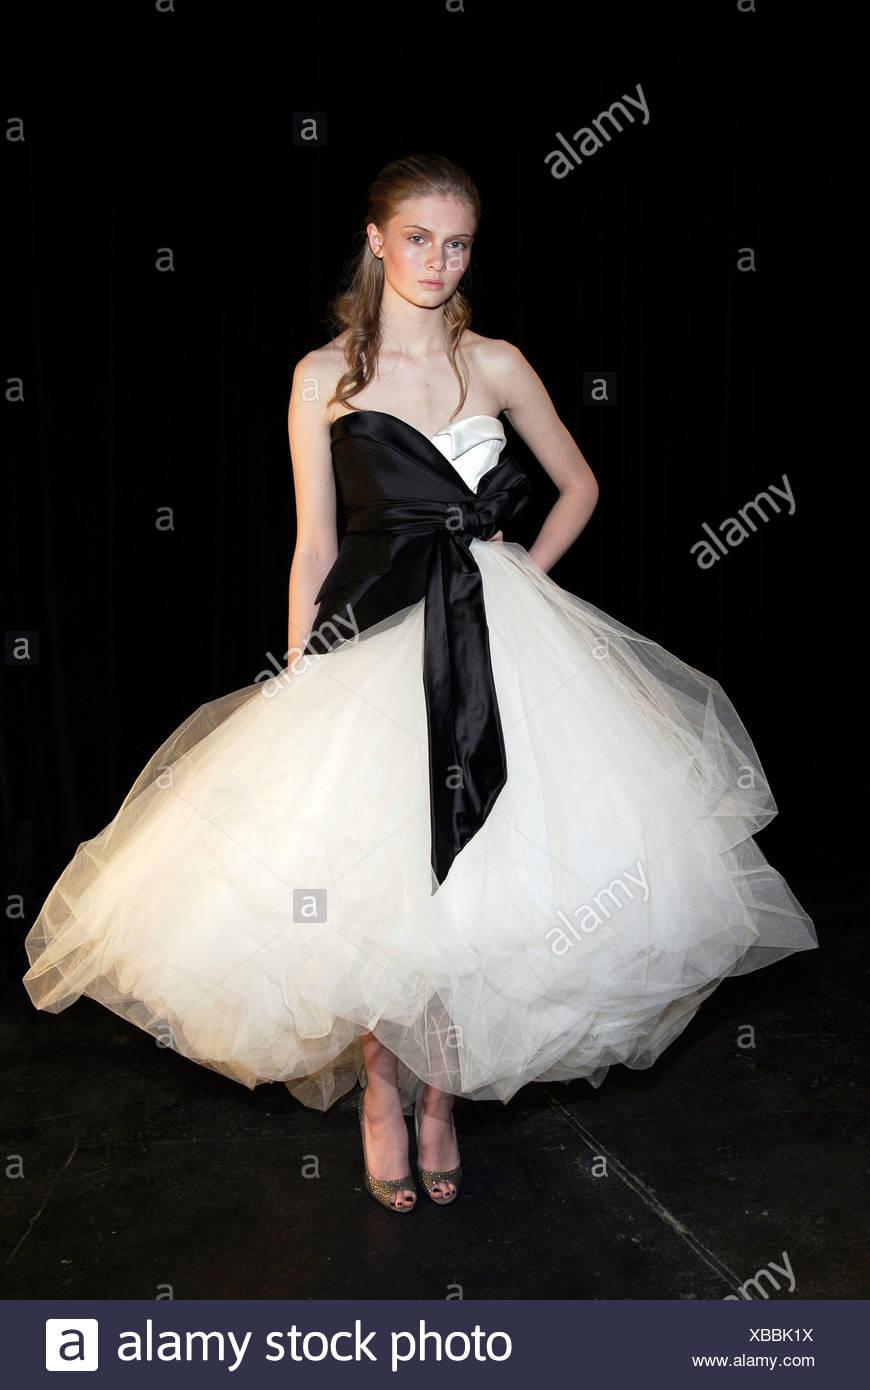 White Ball Gown Stockfotos & White Ball Gown Bilder - Alamy